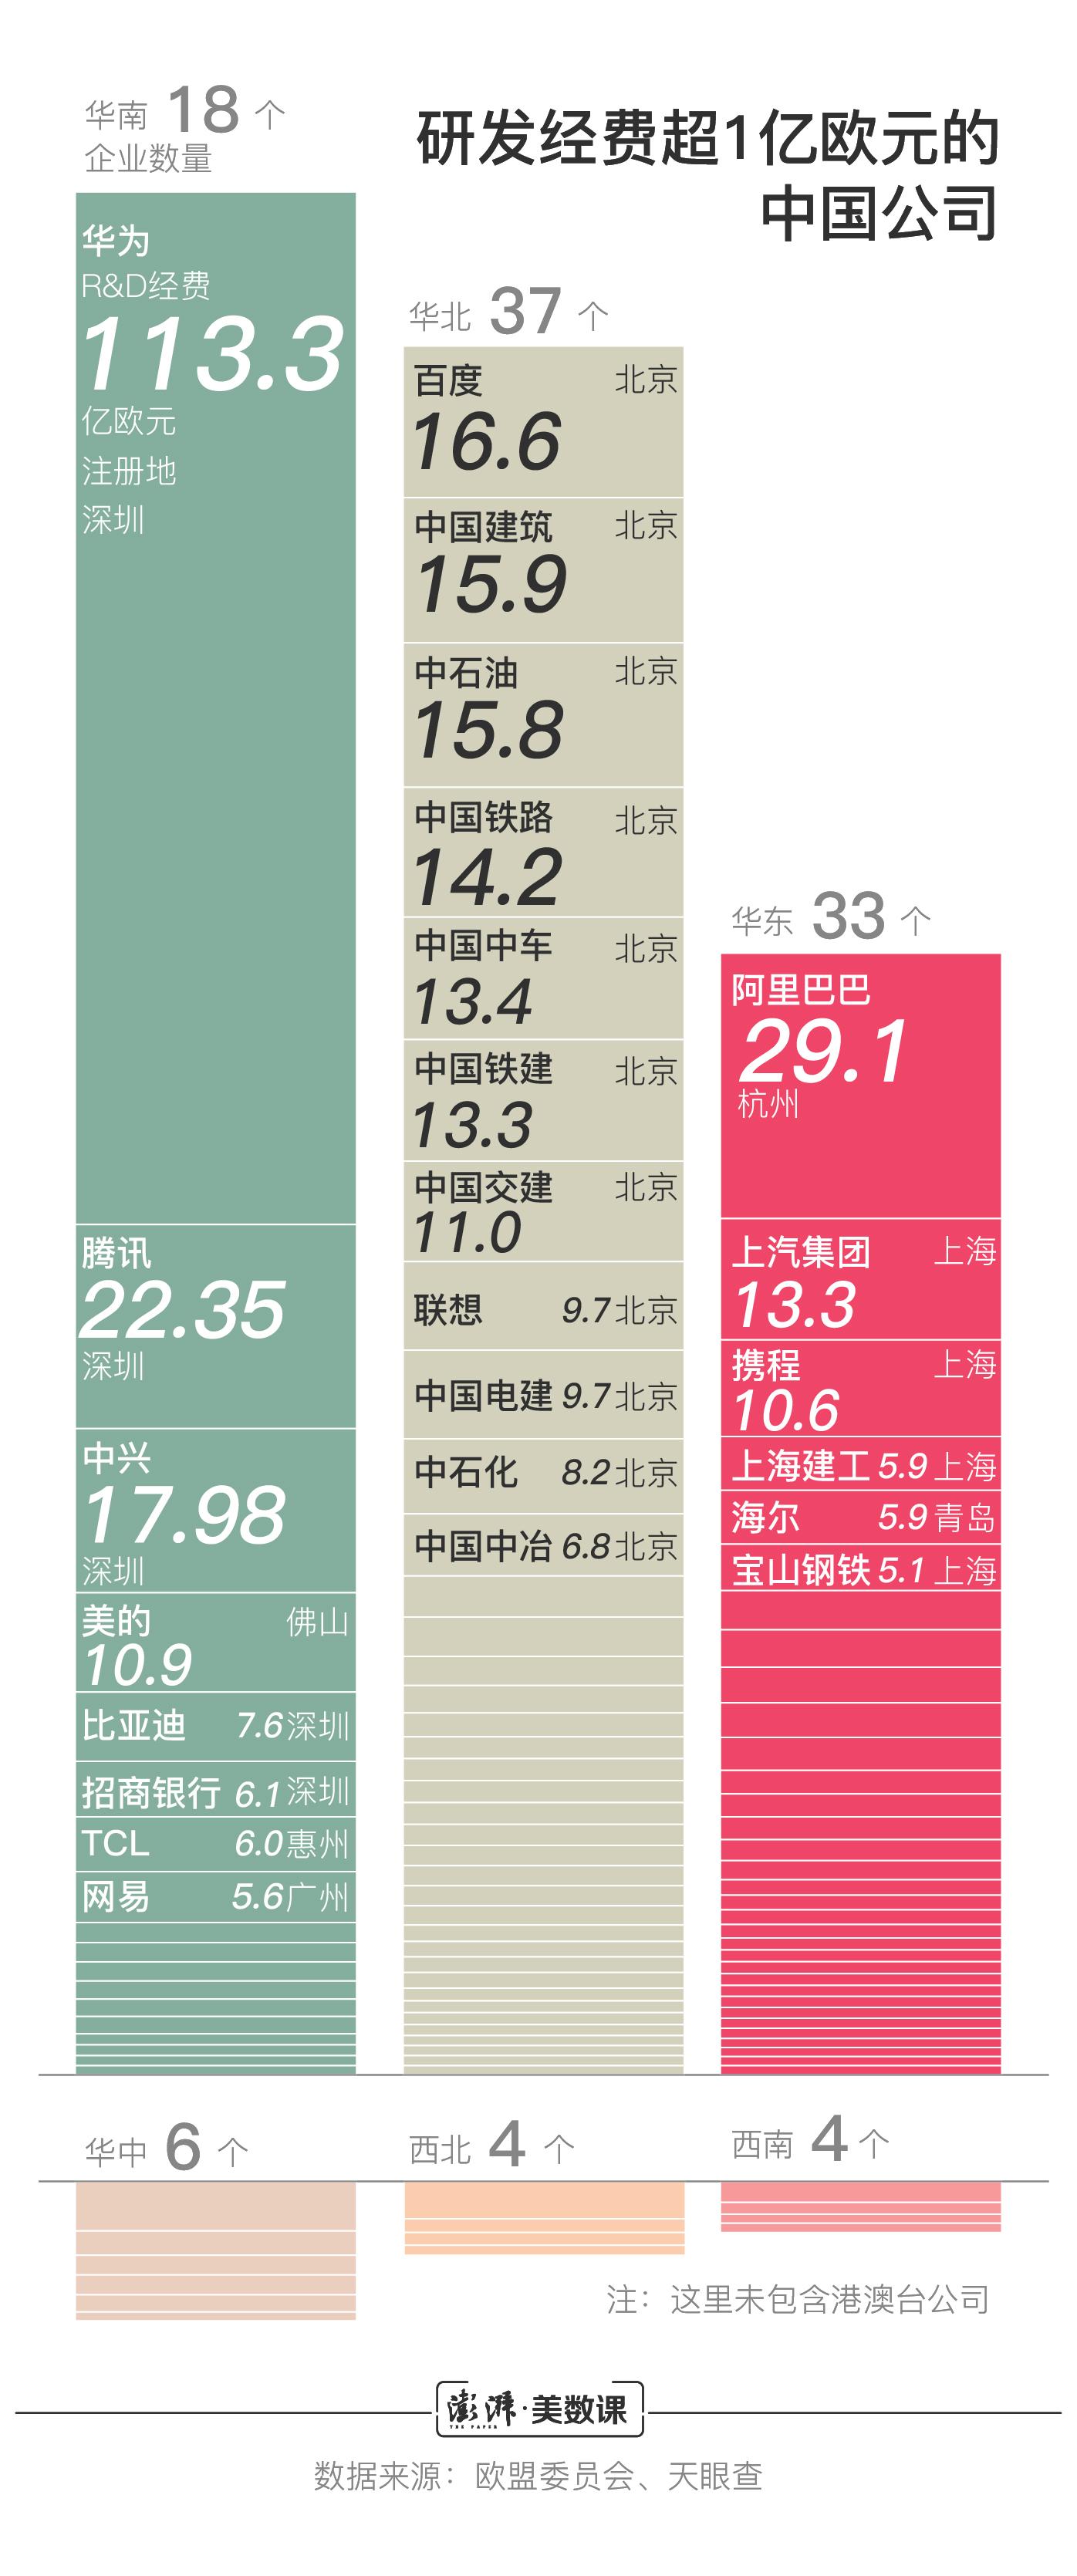 中国去年研发经费近两万亿哪些城市科研投入多?